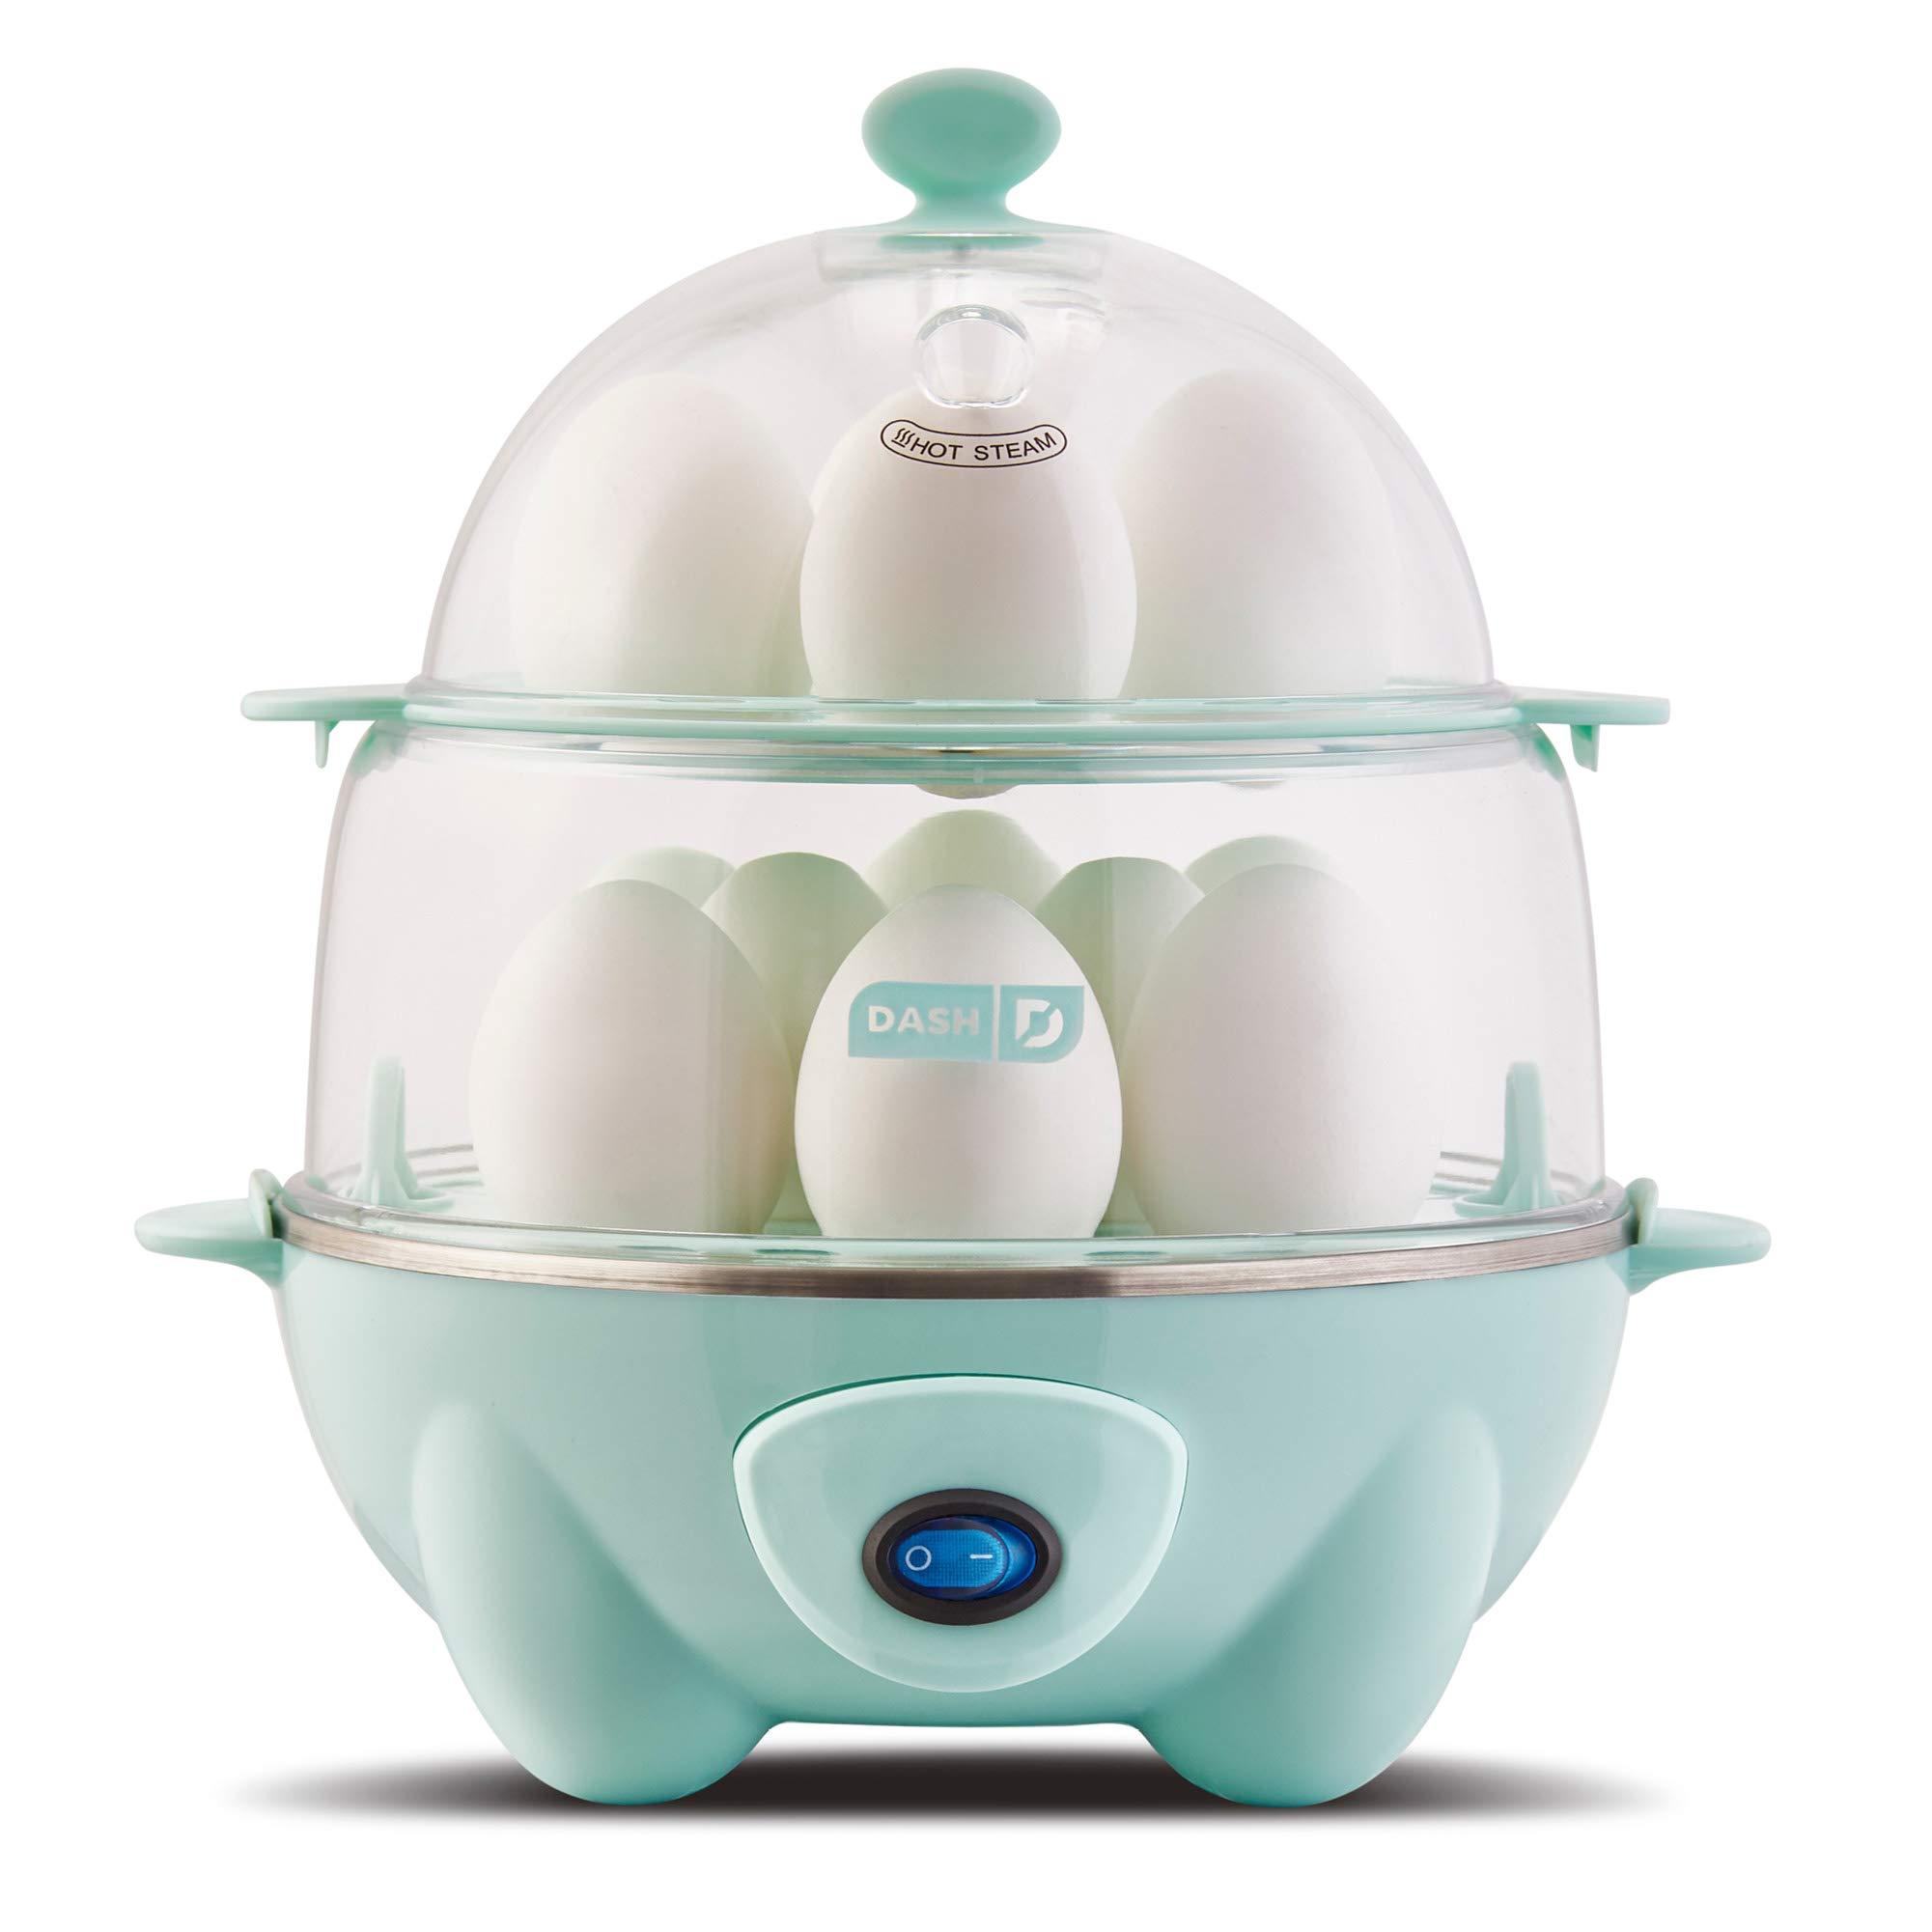 Dash DEC012AQ Deluxe Rapid Cooker